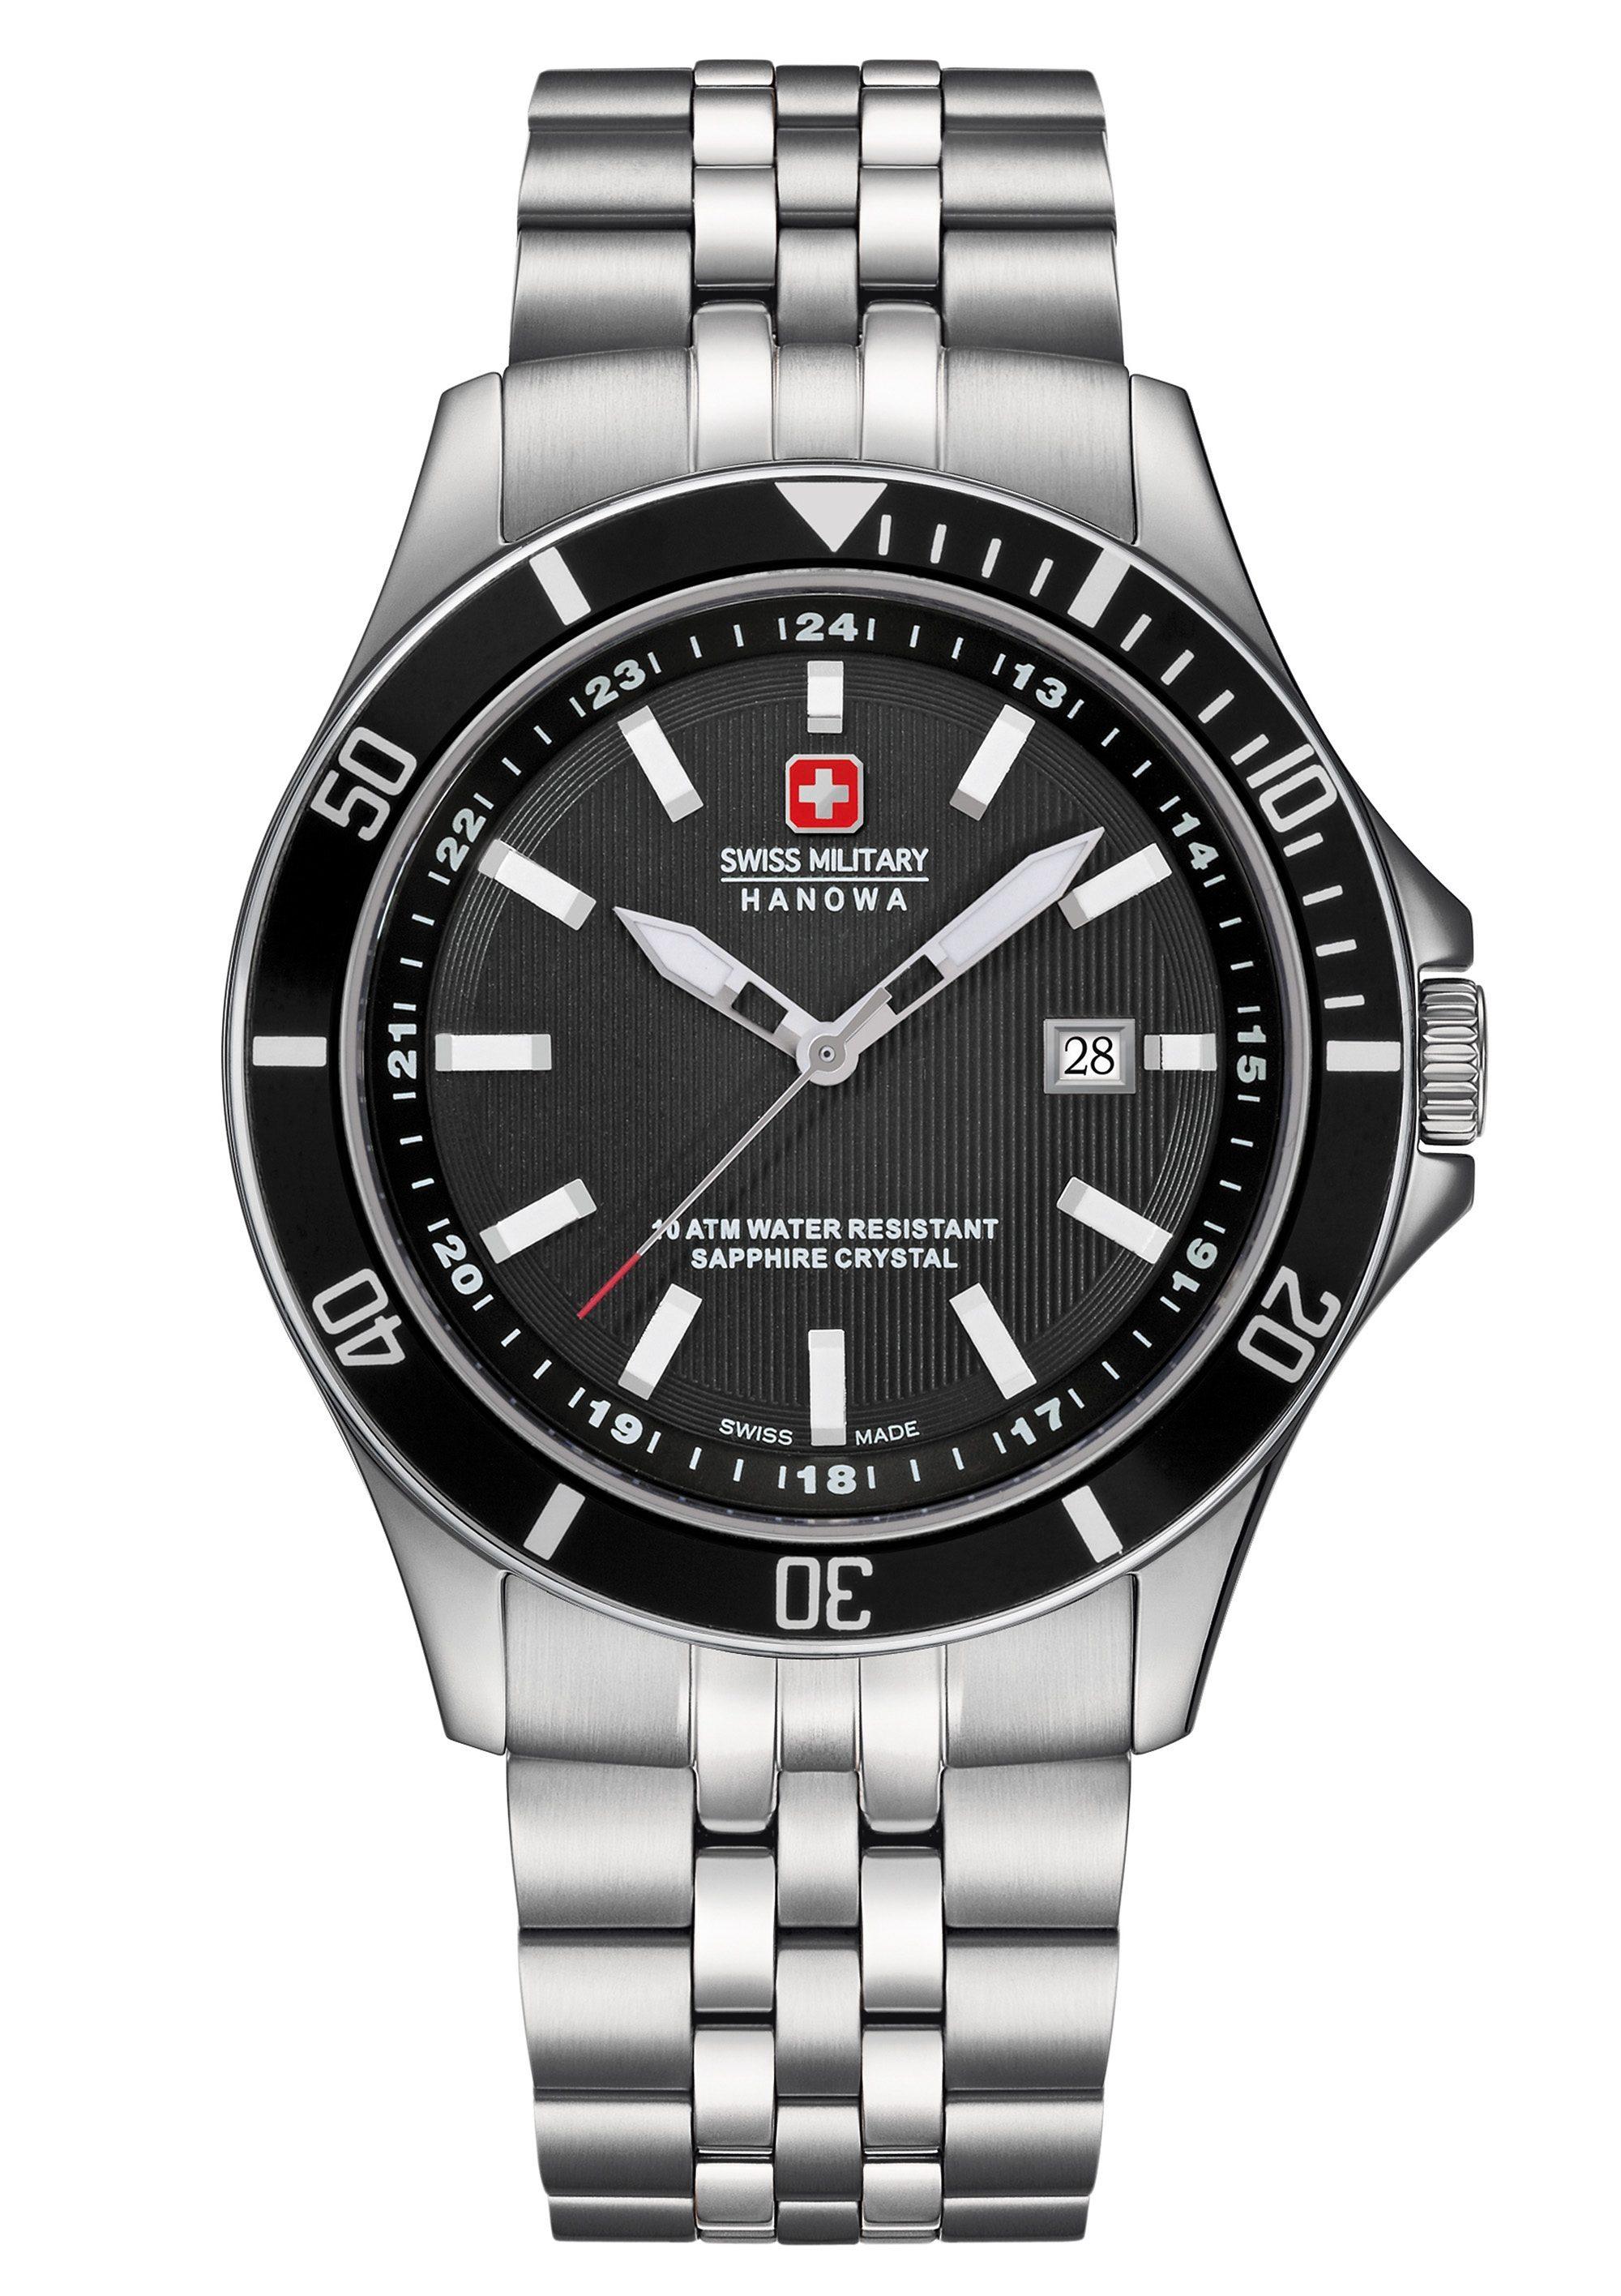 Swiss Military Hanowa Schweizer Uhr FLAGSHIP, 06-5161.2.04.007 günstig online kaufen